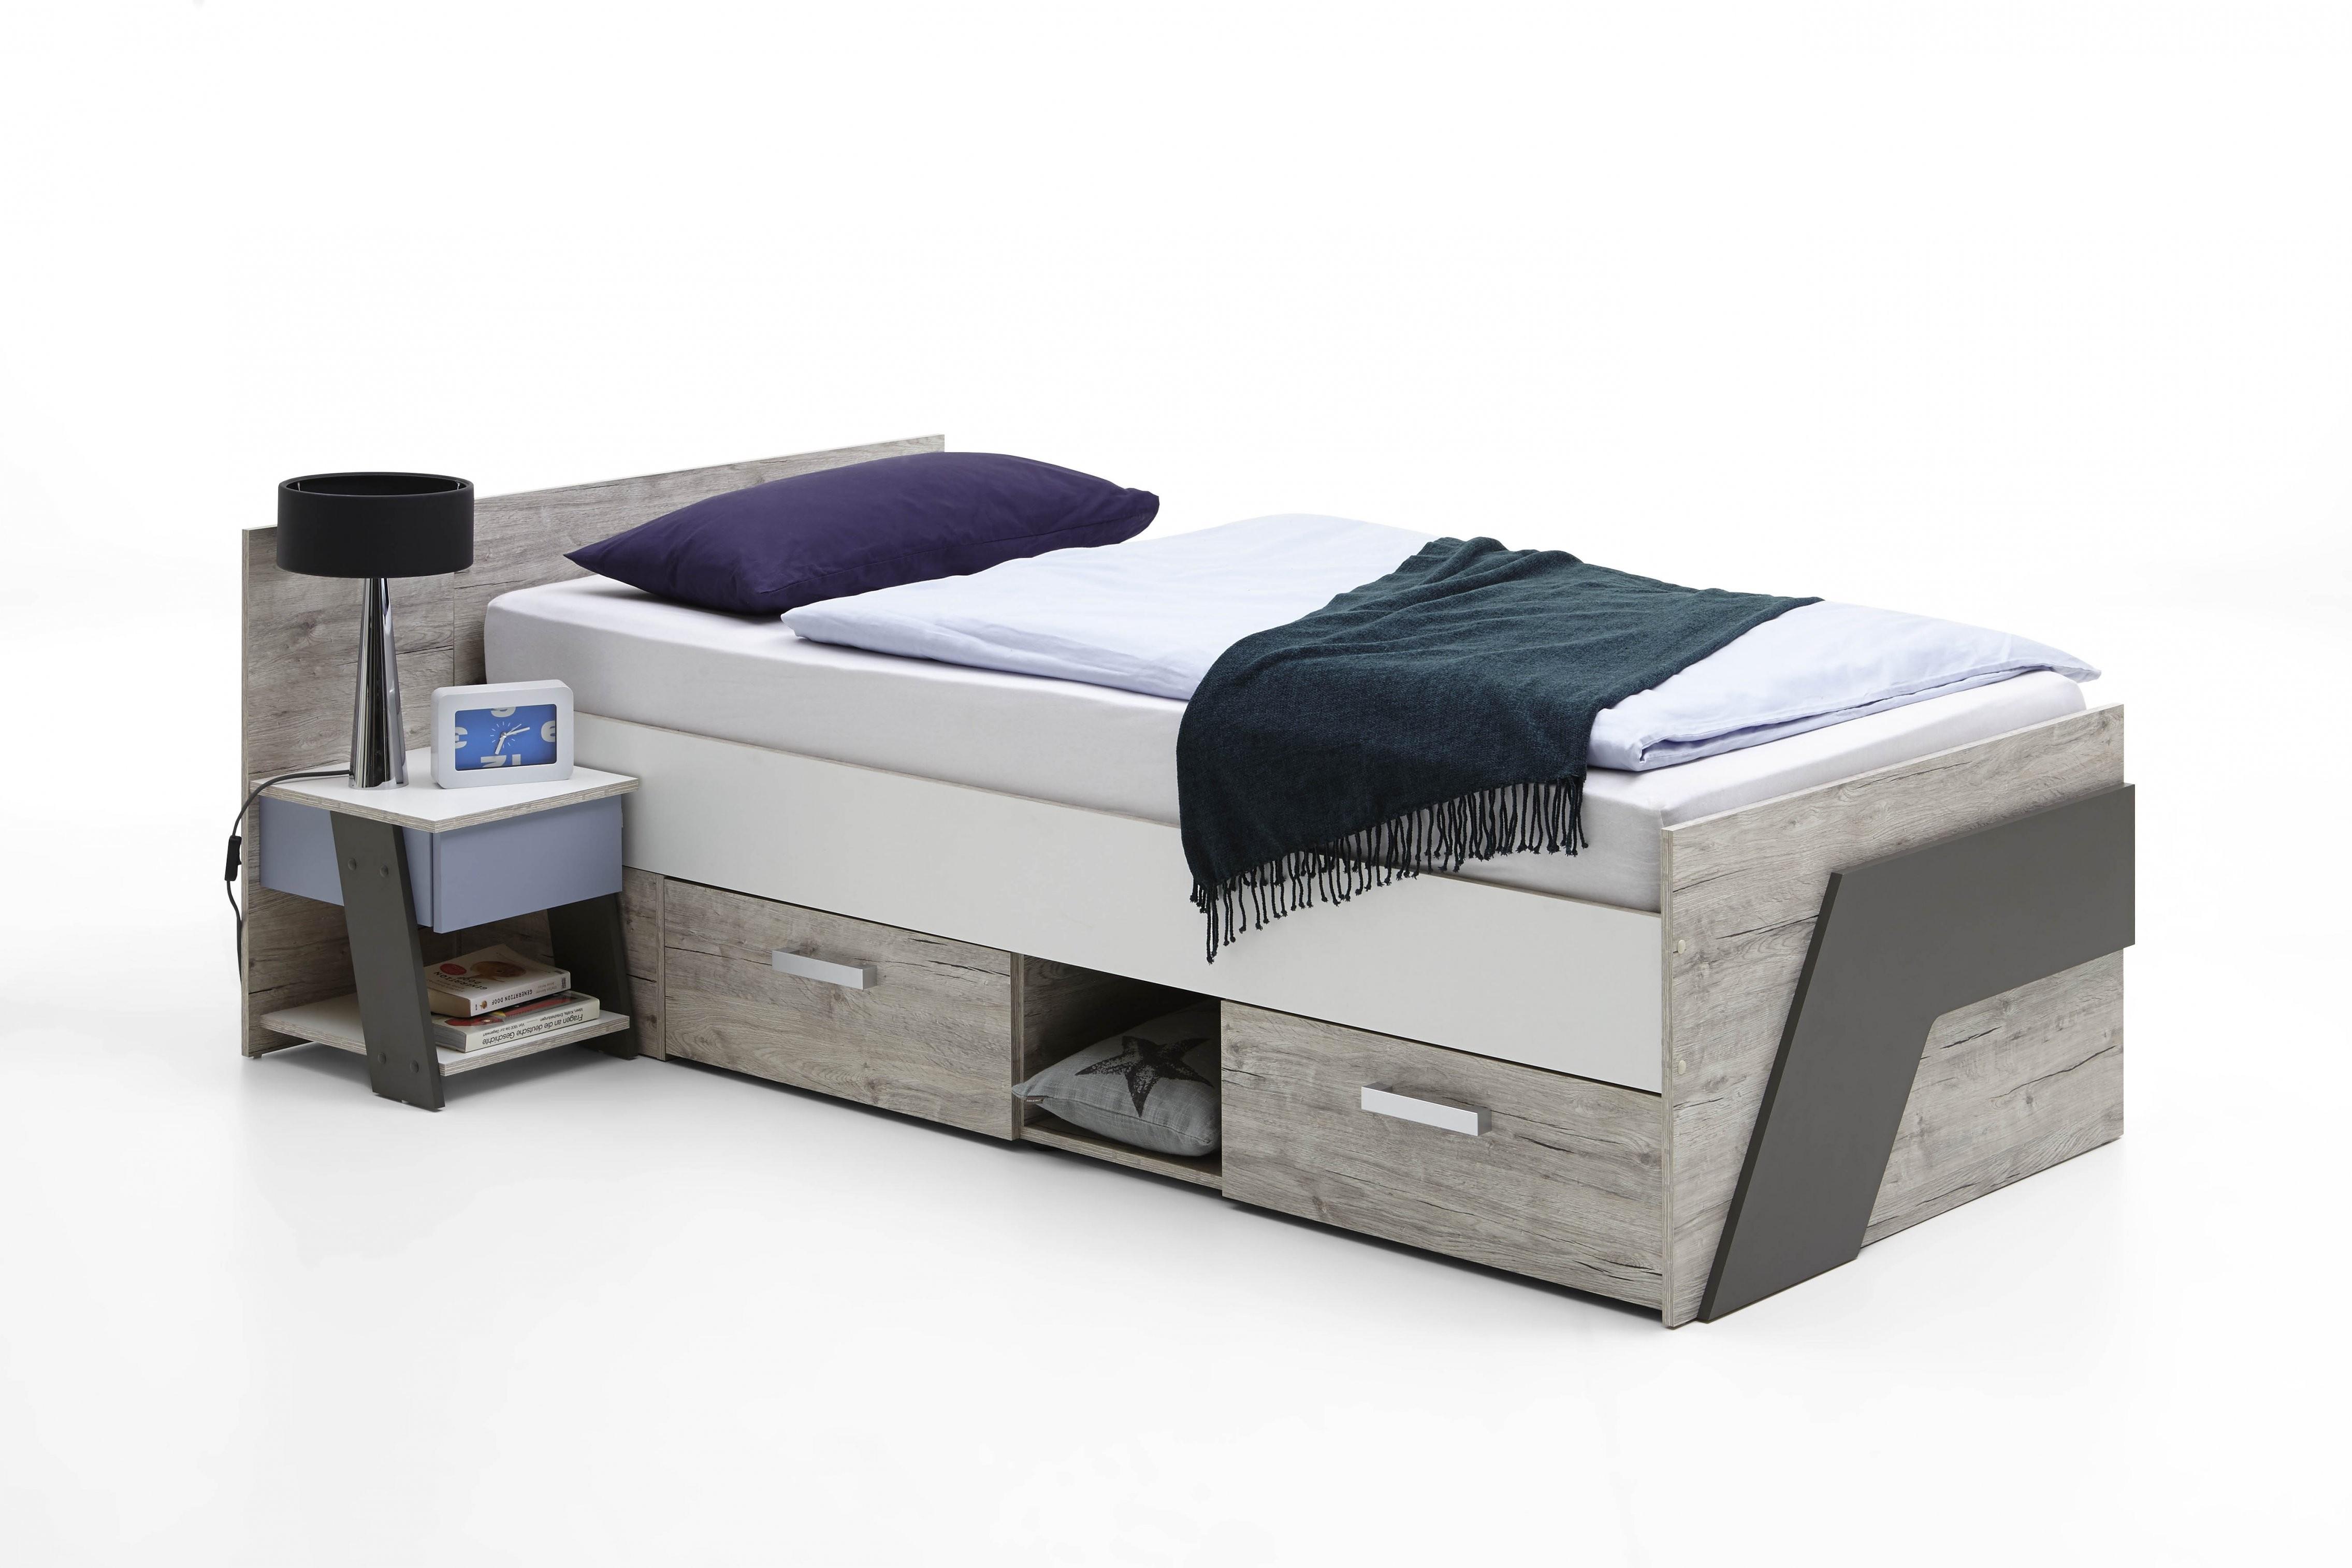 Nona 1 90X200 Bett Inkl 2 Schubladen Von Fmd Sandeiche  Weiß  Lava von Bett 90X200 Mit Schubladen Photo